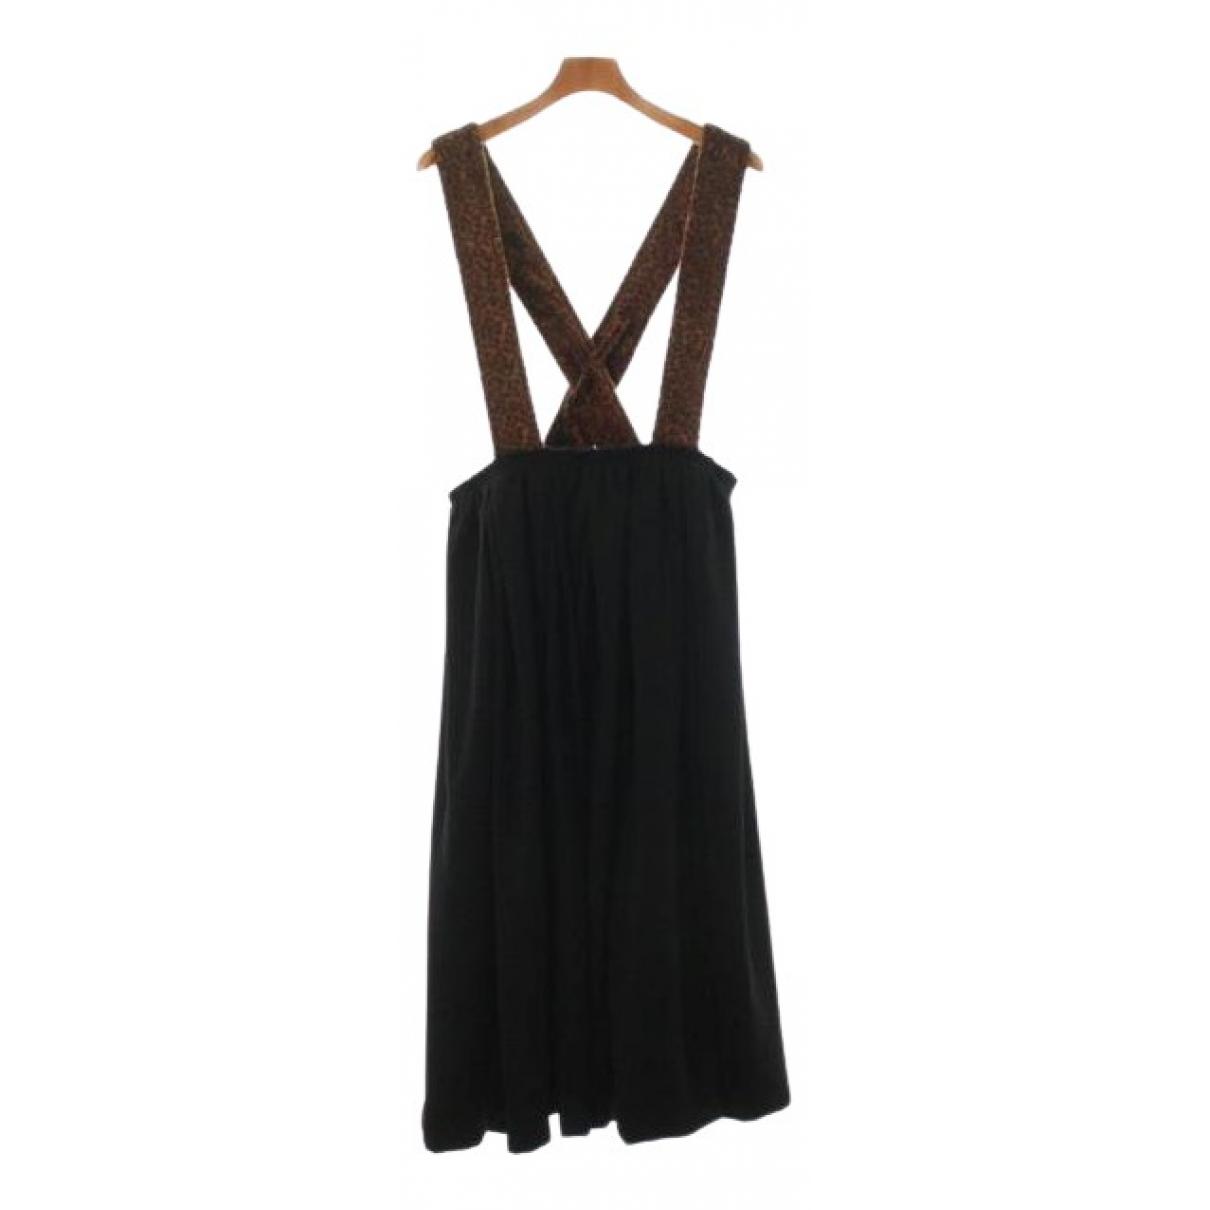 Comme Des Garcons \N Black jumpsuit for Women M International